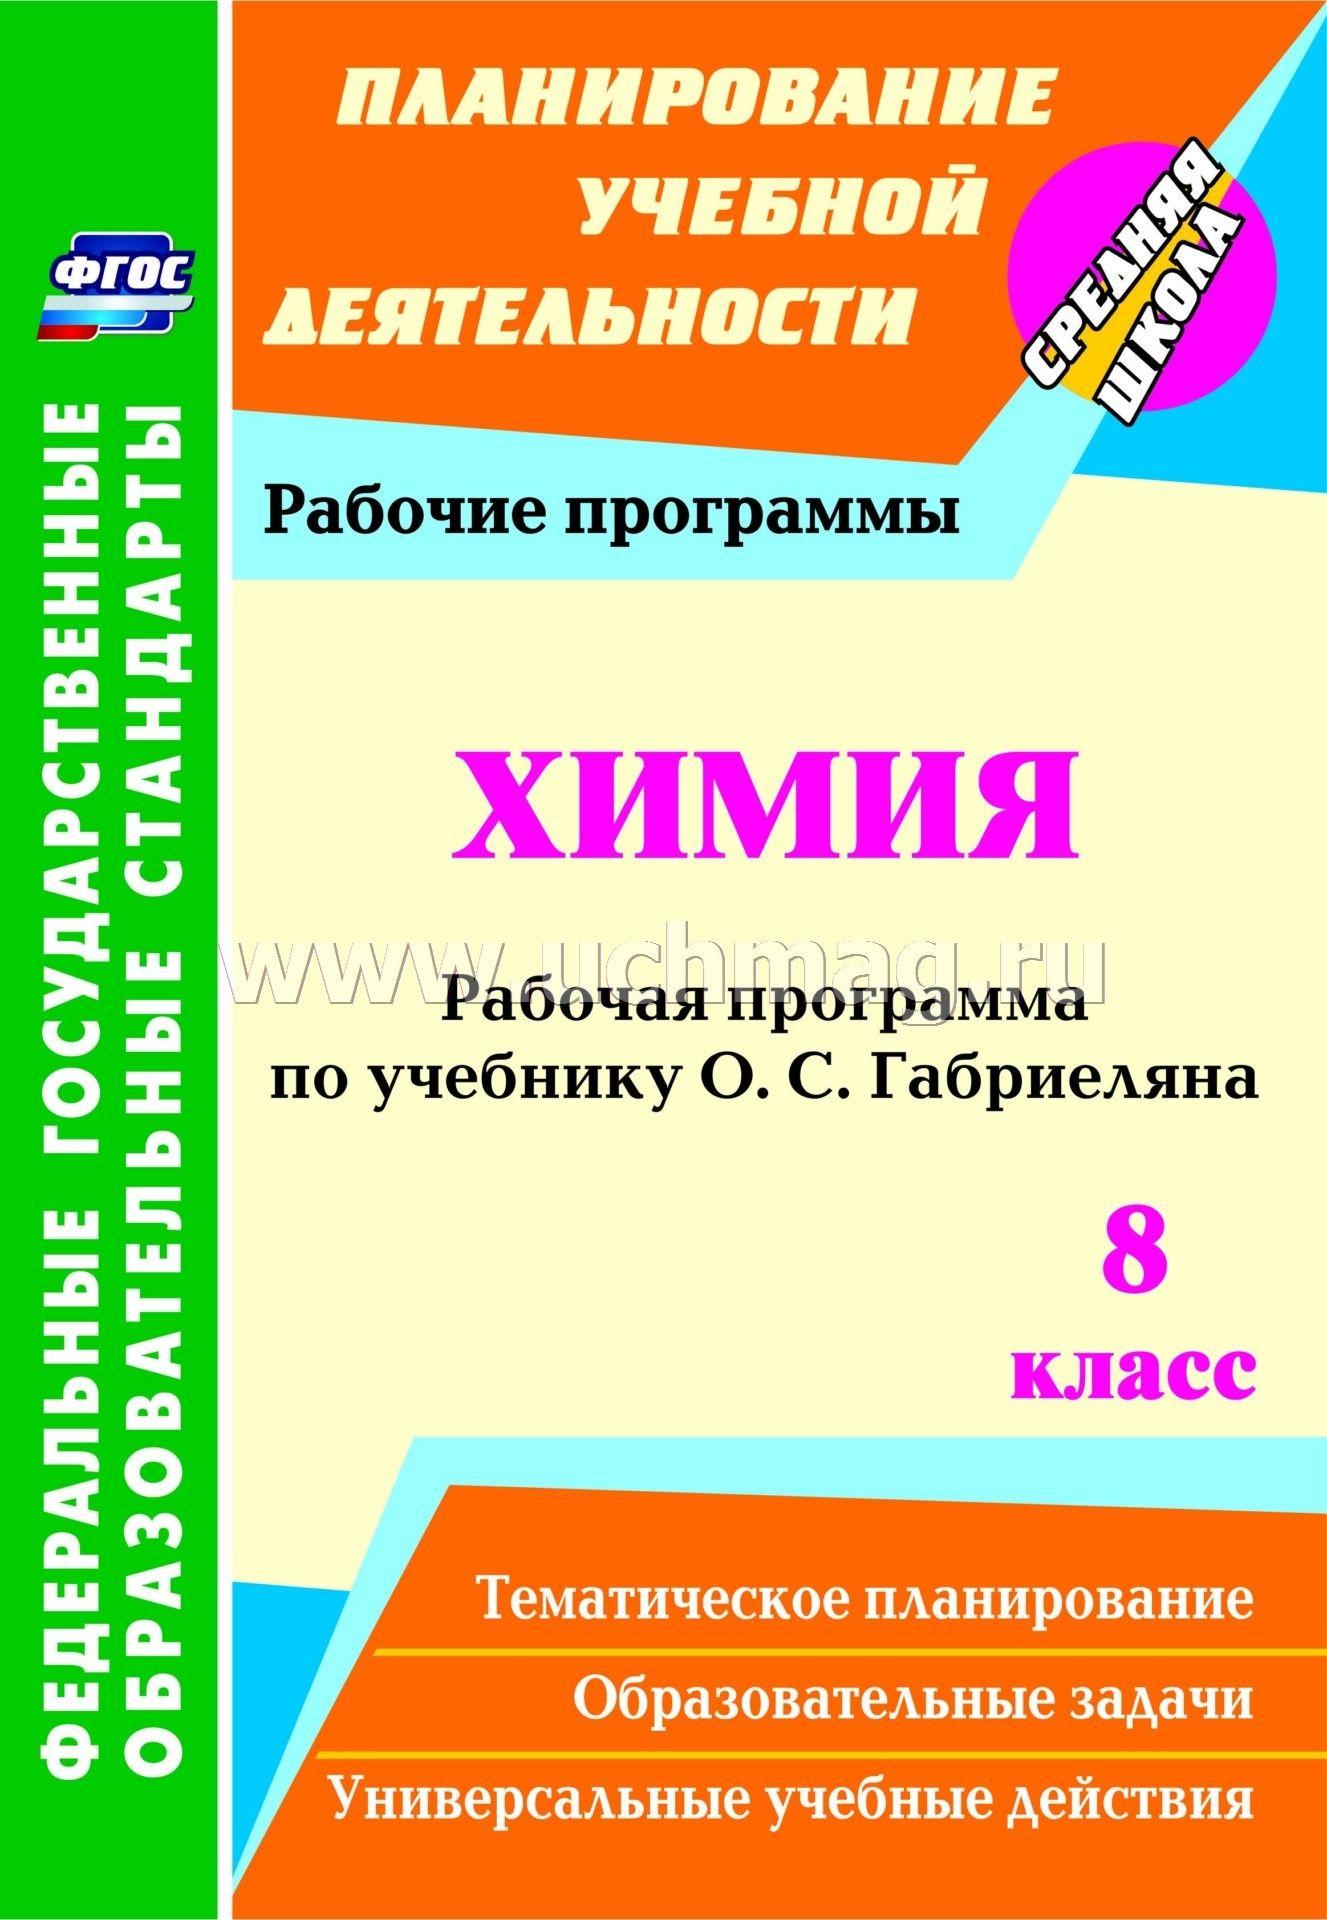 Тематическое планирование по химии о.с.габриелян 8-11 классы